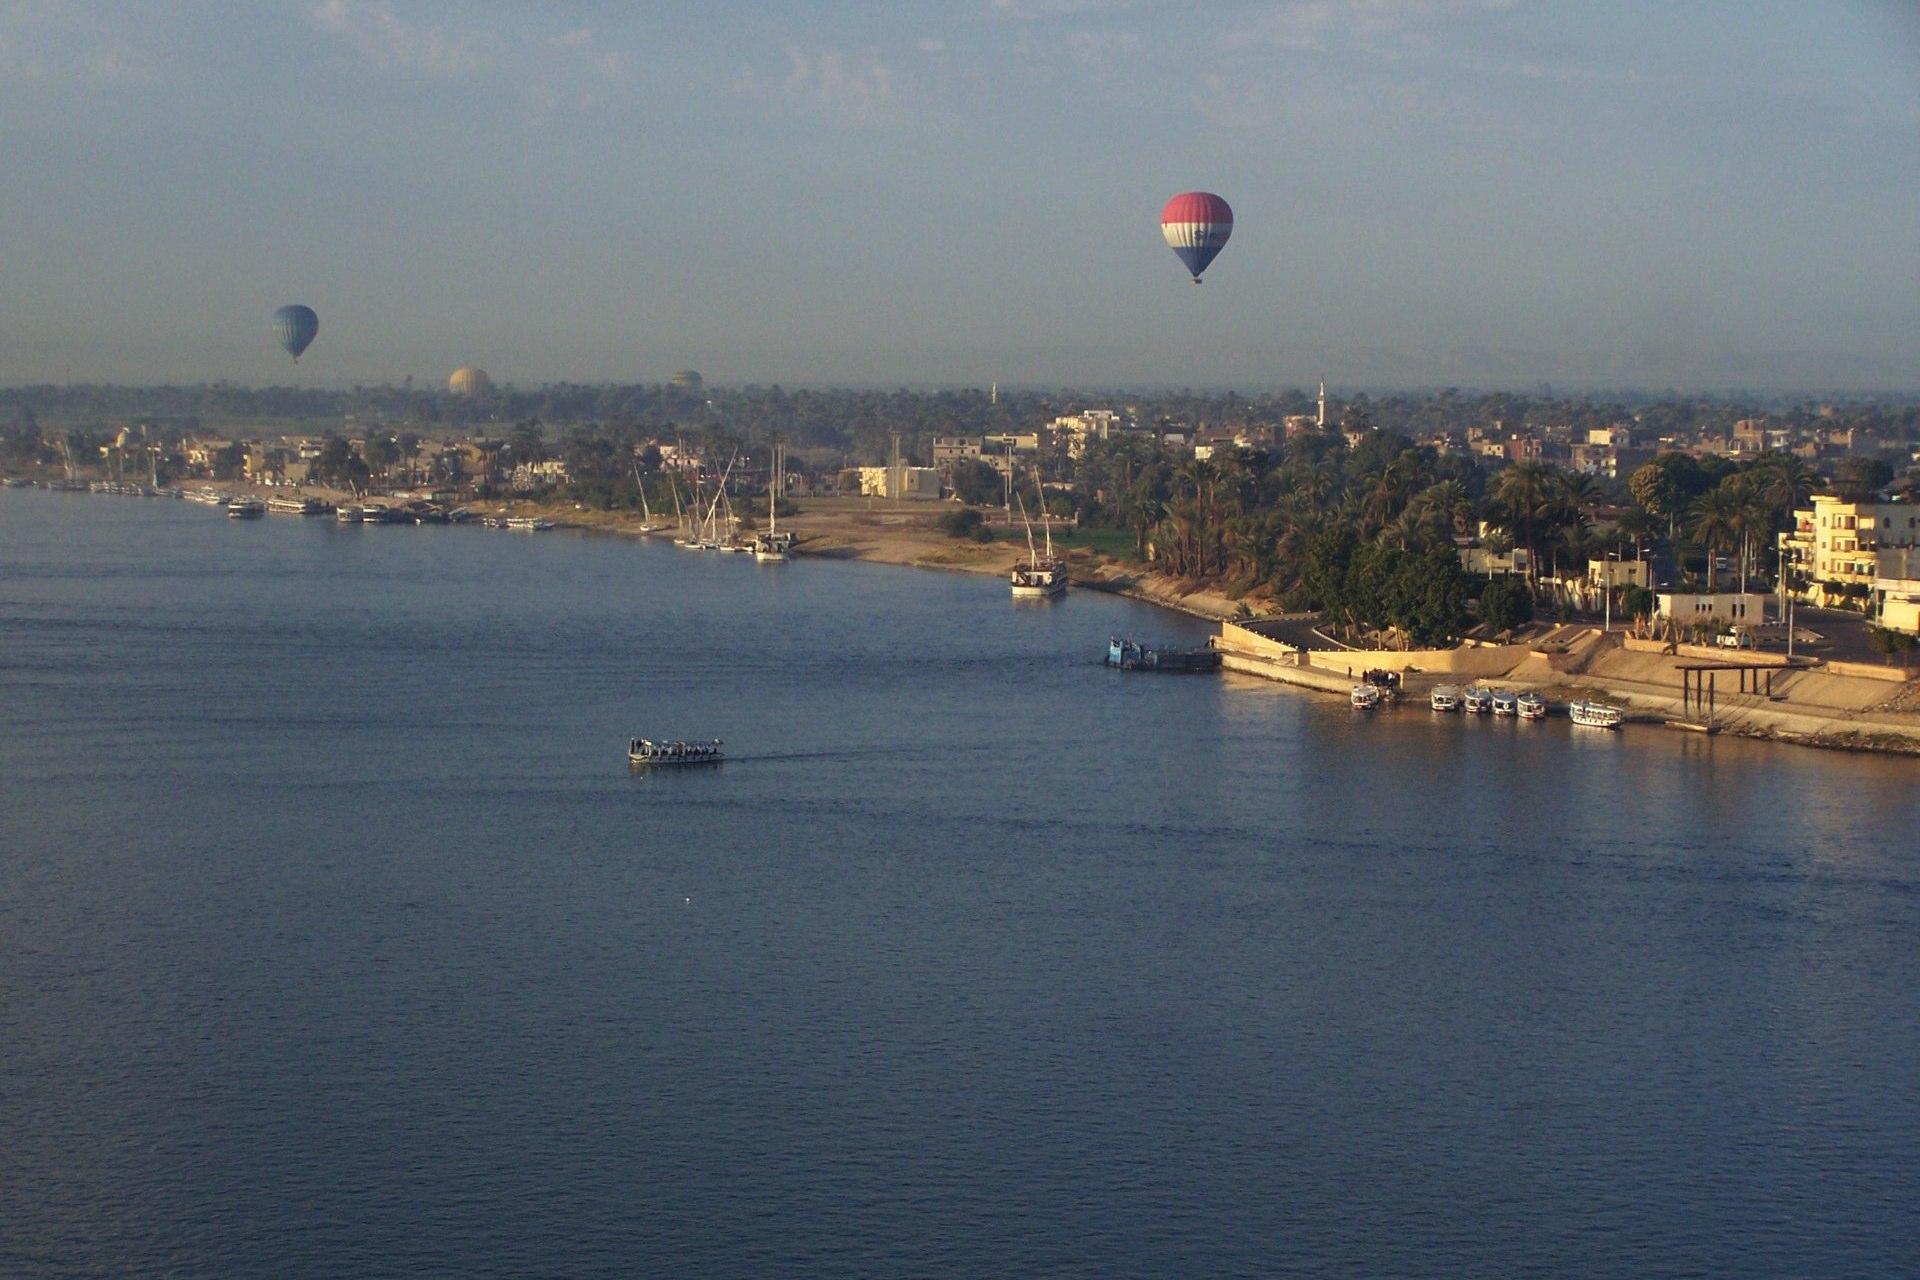 Luxor Nil Ballon